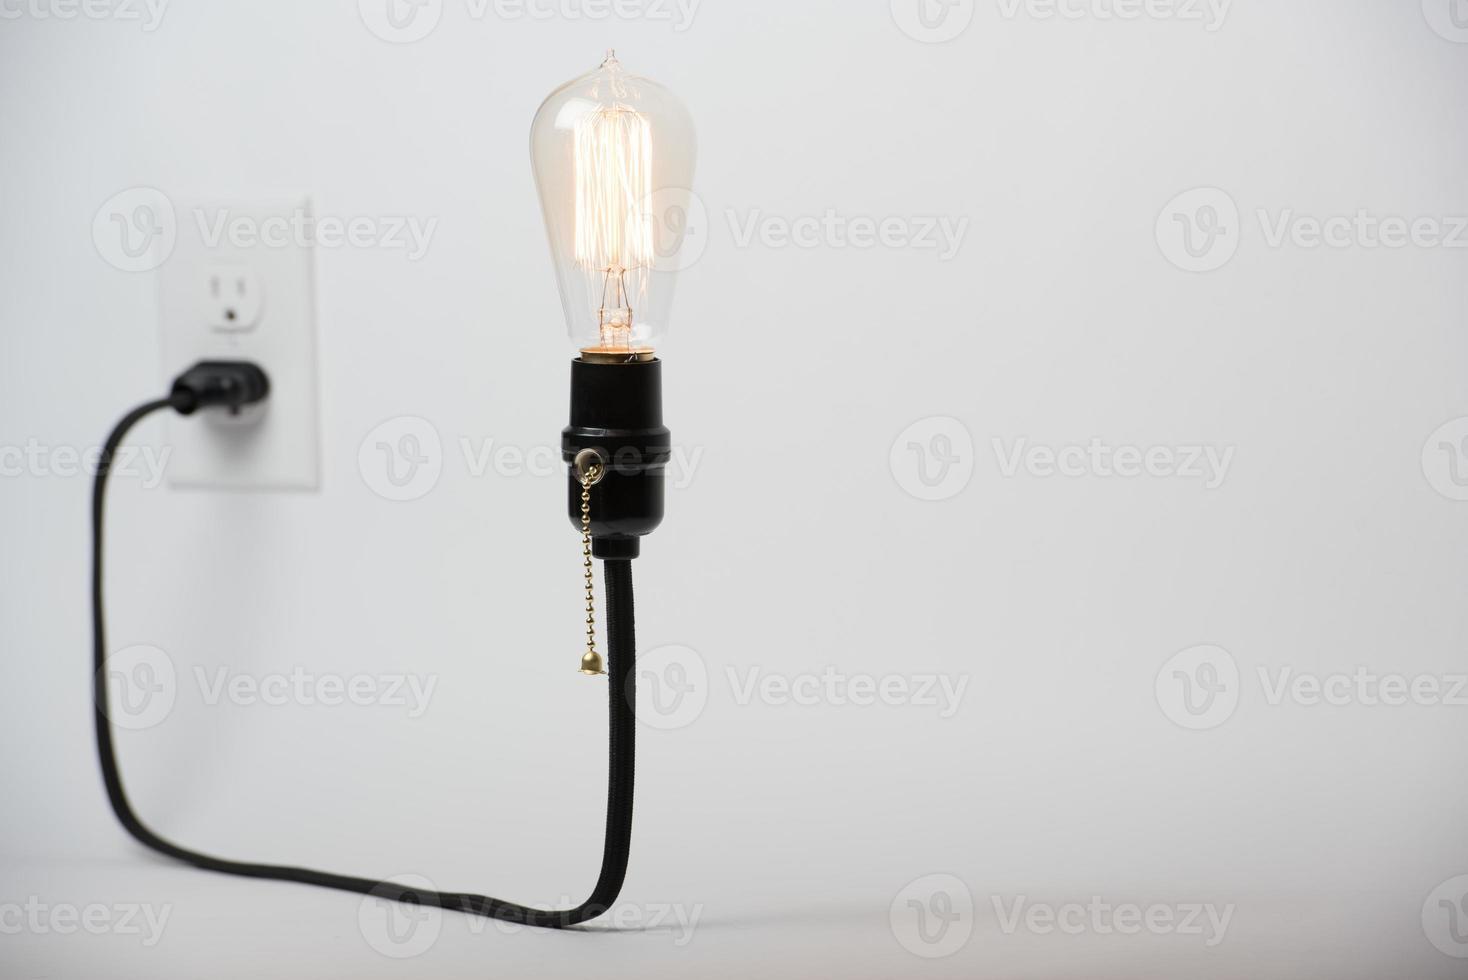 Lightbulb Plugged In Sideways photo